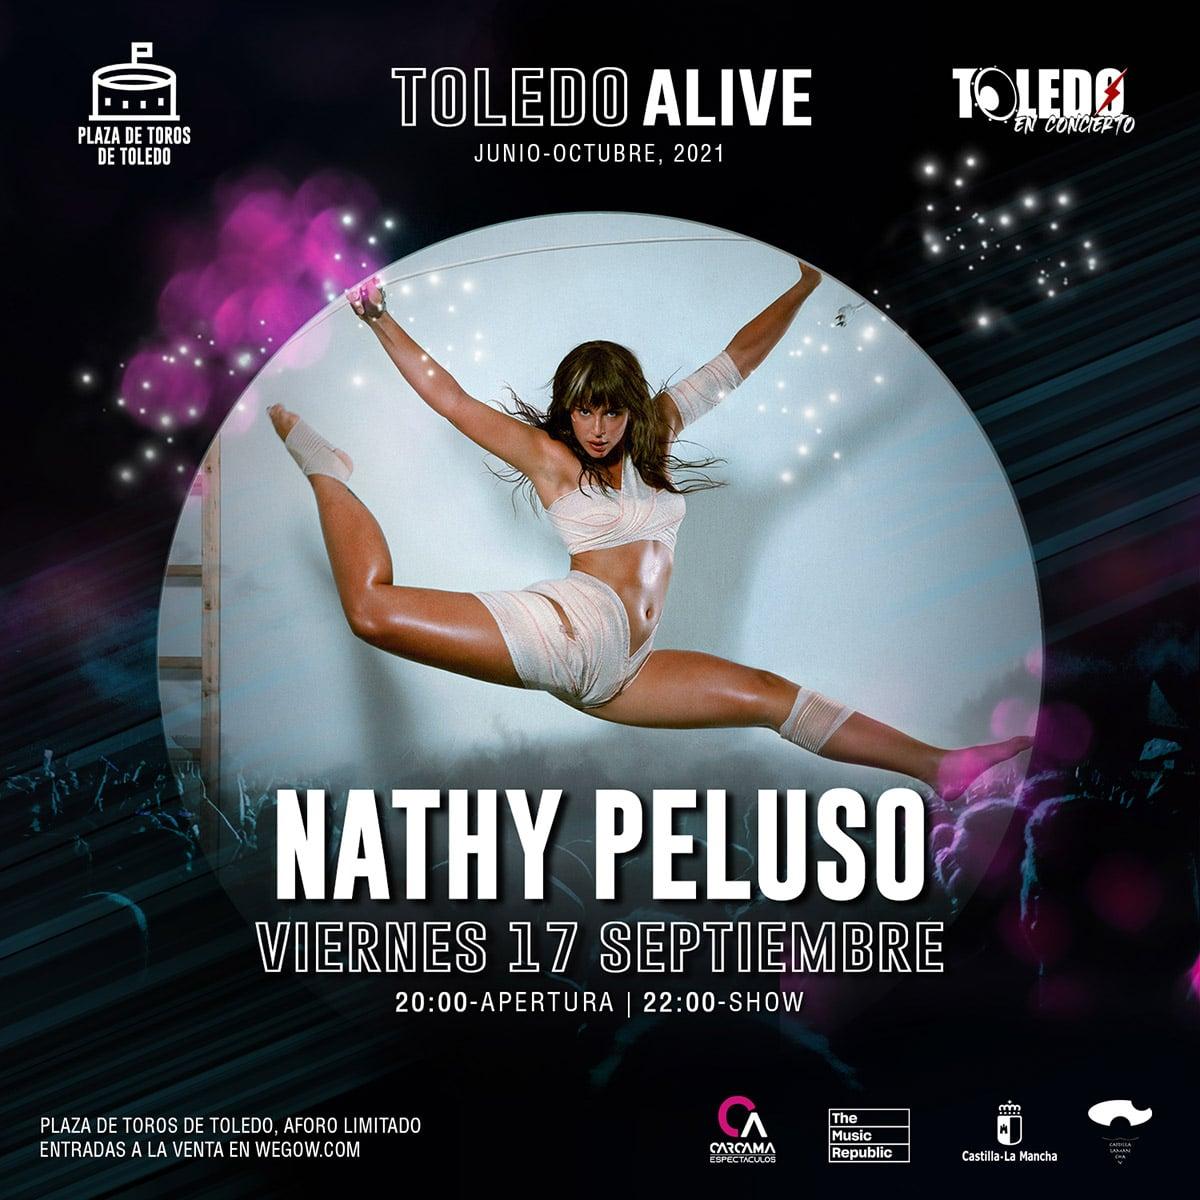 NATHY-PELUSO-TOLEDO-ALIVE